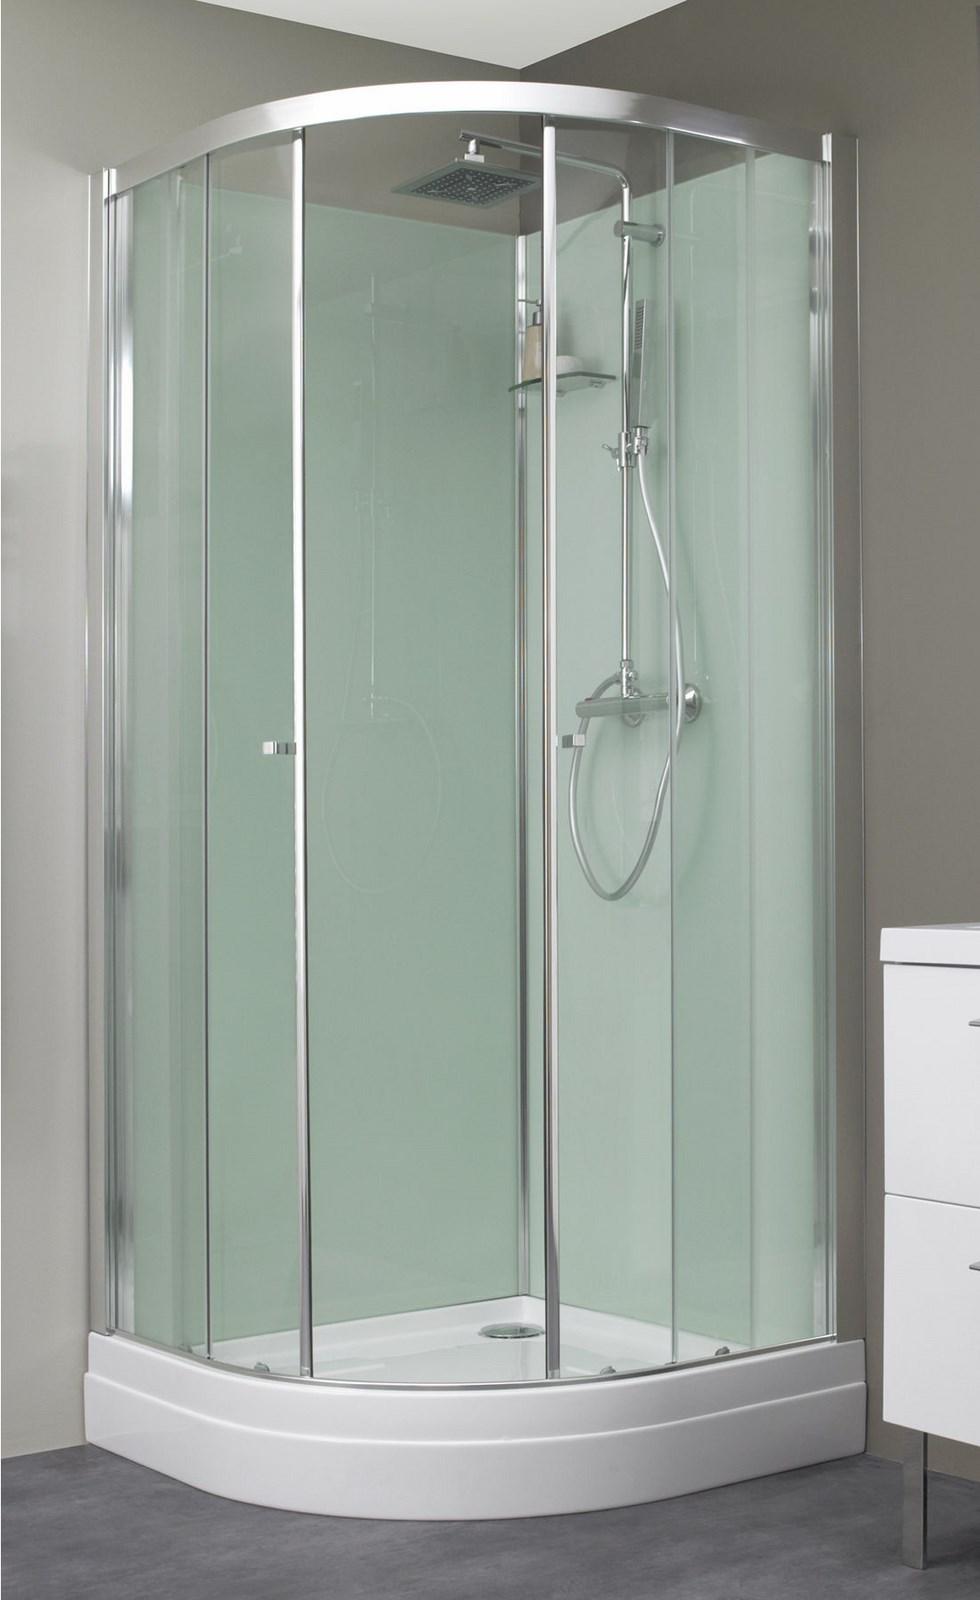 Cabine de douche eden r 1 4 de rond kinedo - Monter une cabine de douche d angle ...